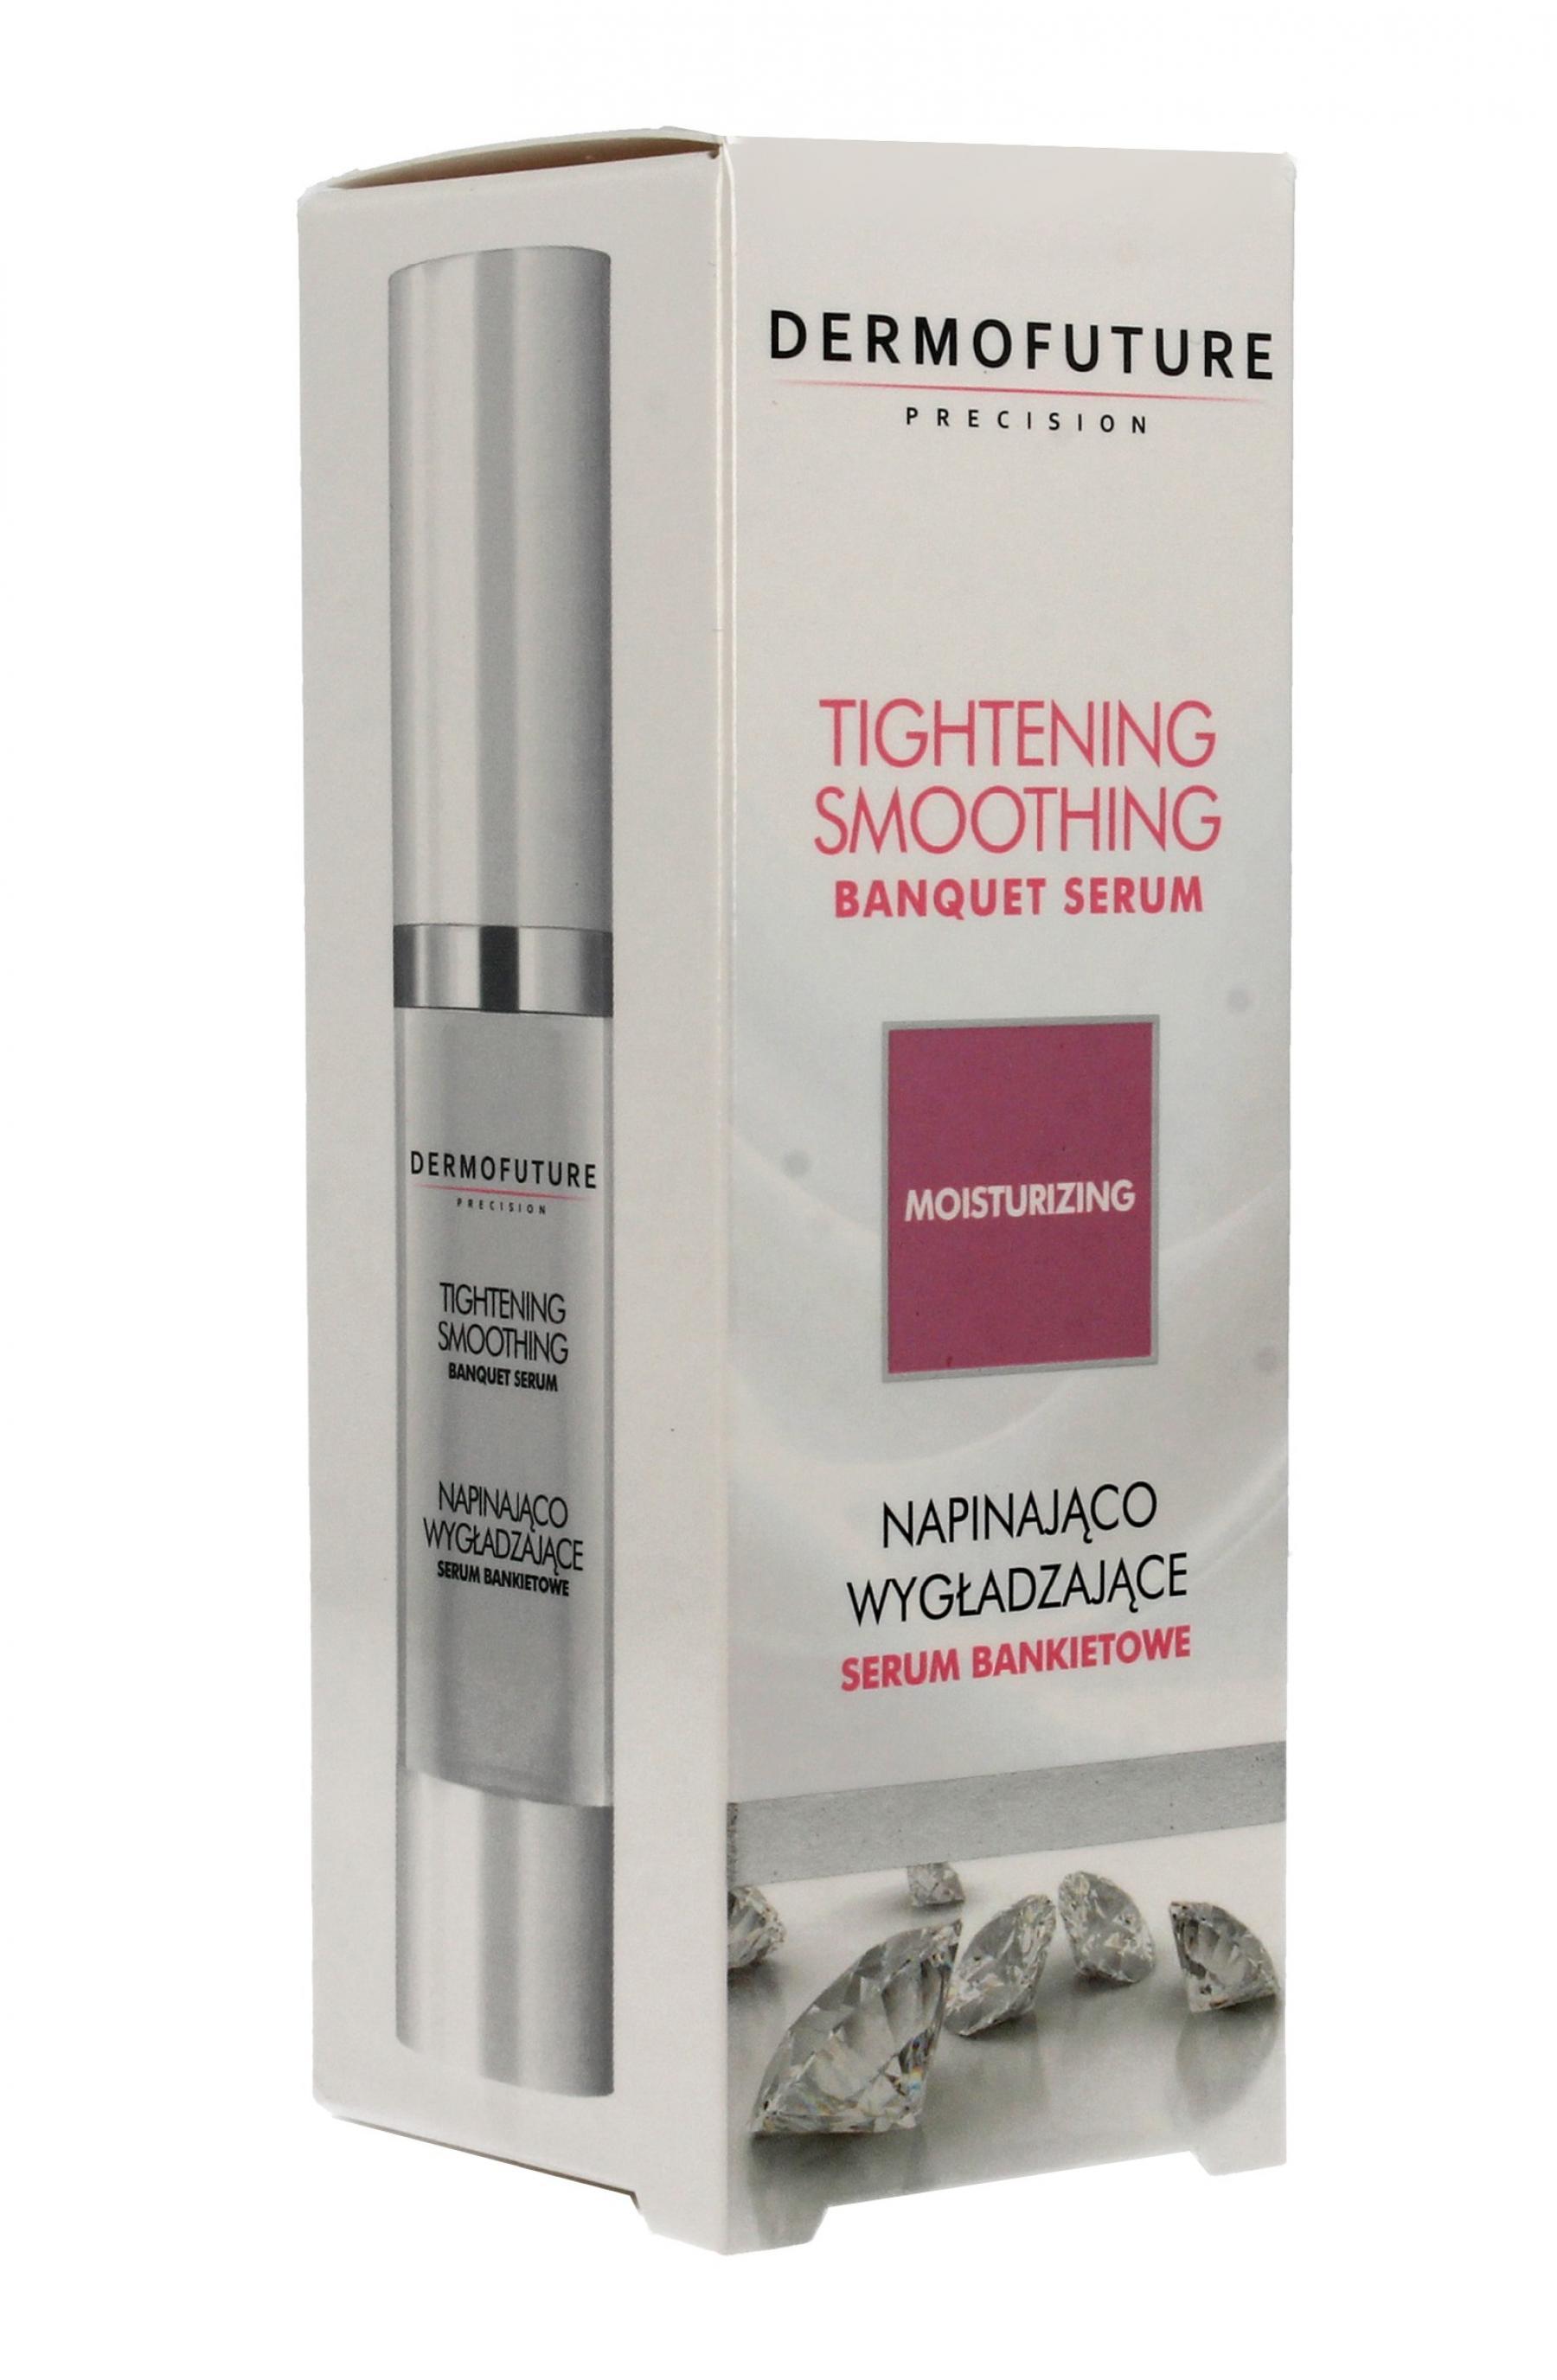 Tightening smoothing serum 30ml